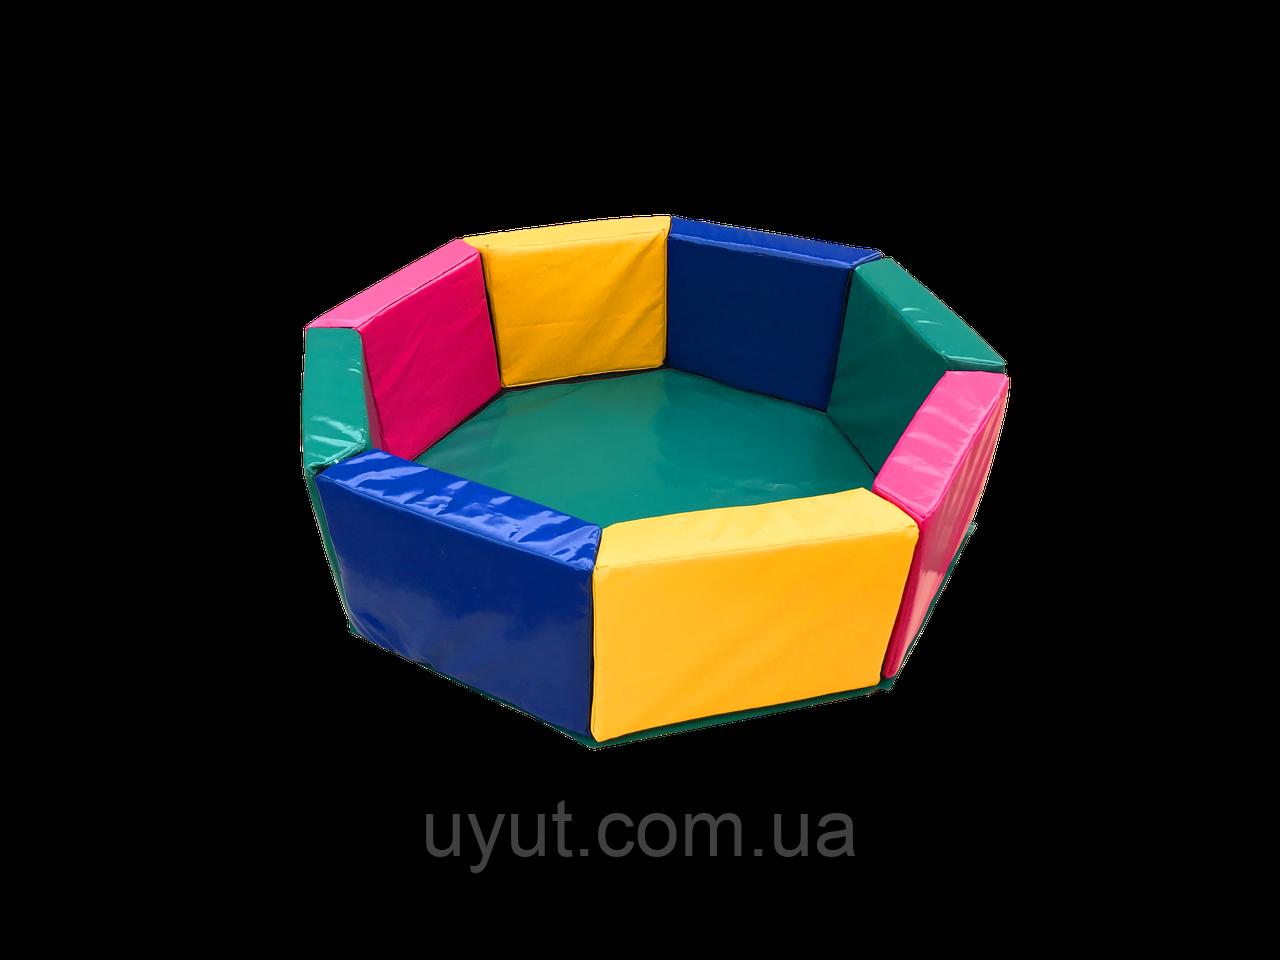 Сухой бассейн  Восьмиугольник 1,5 м